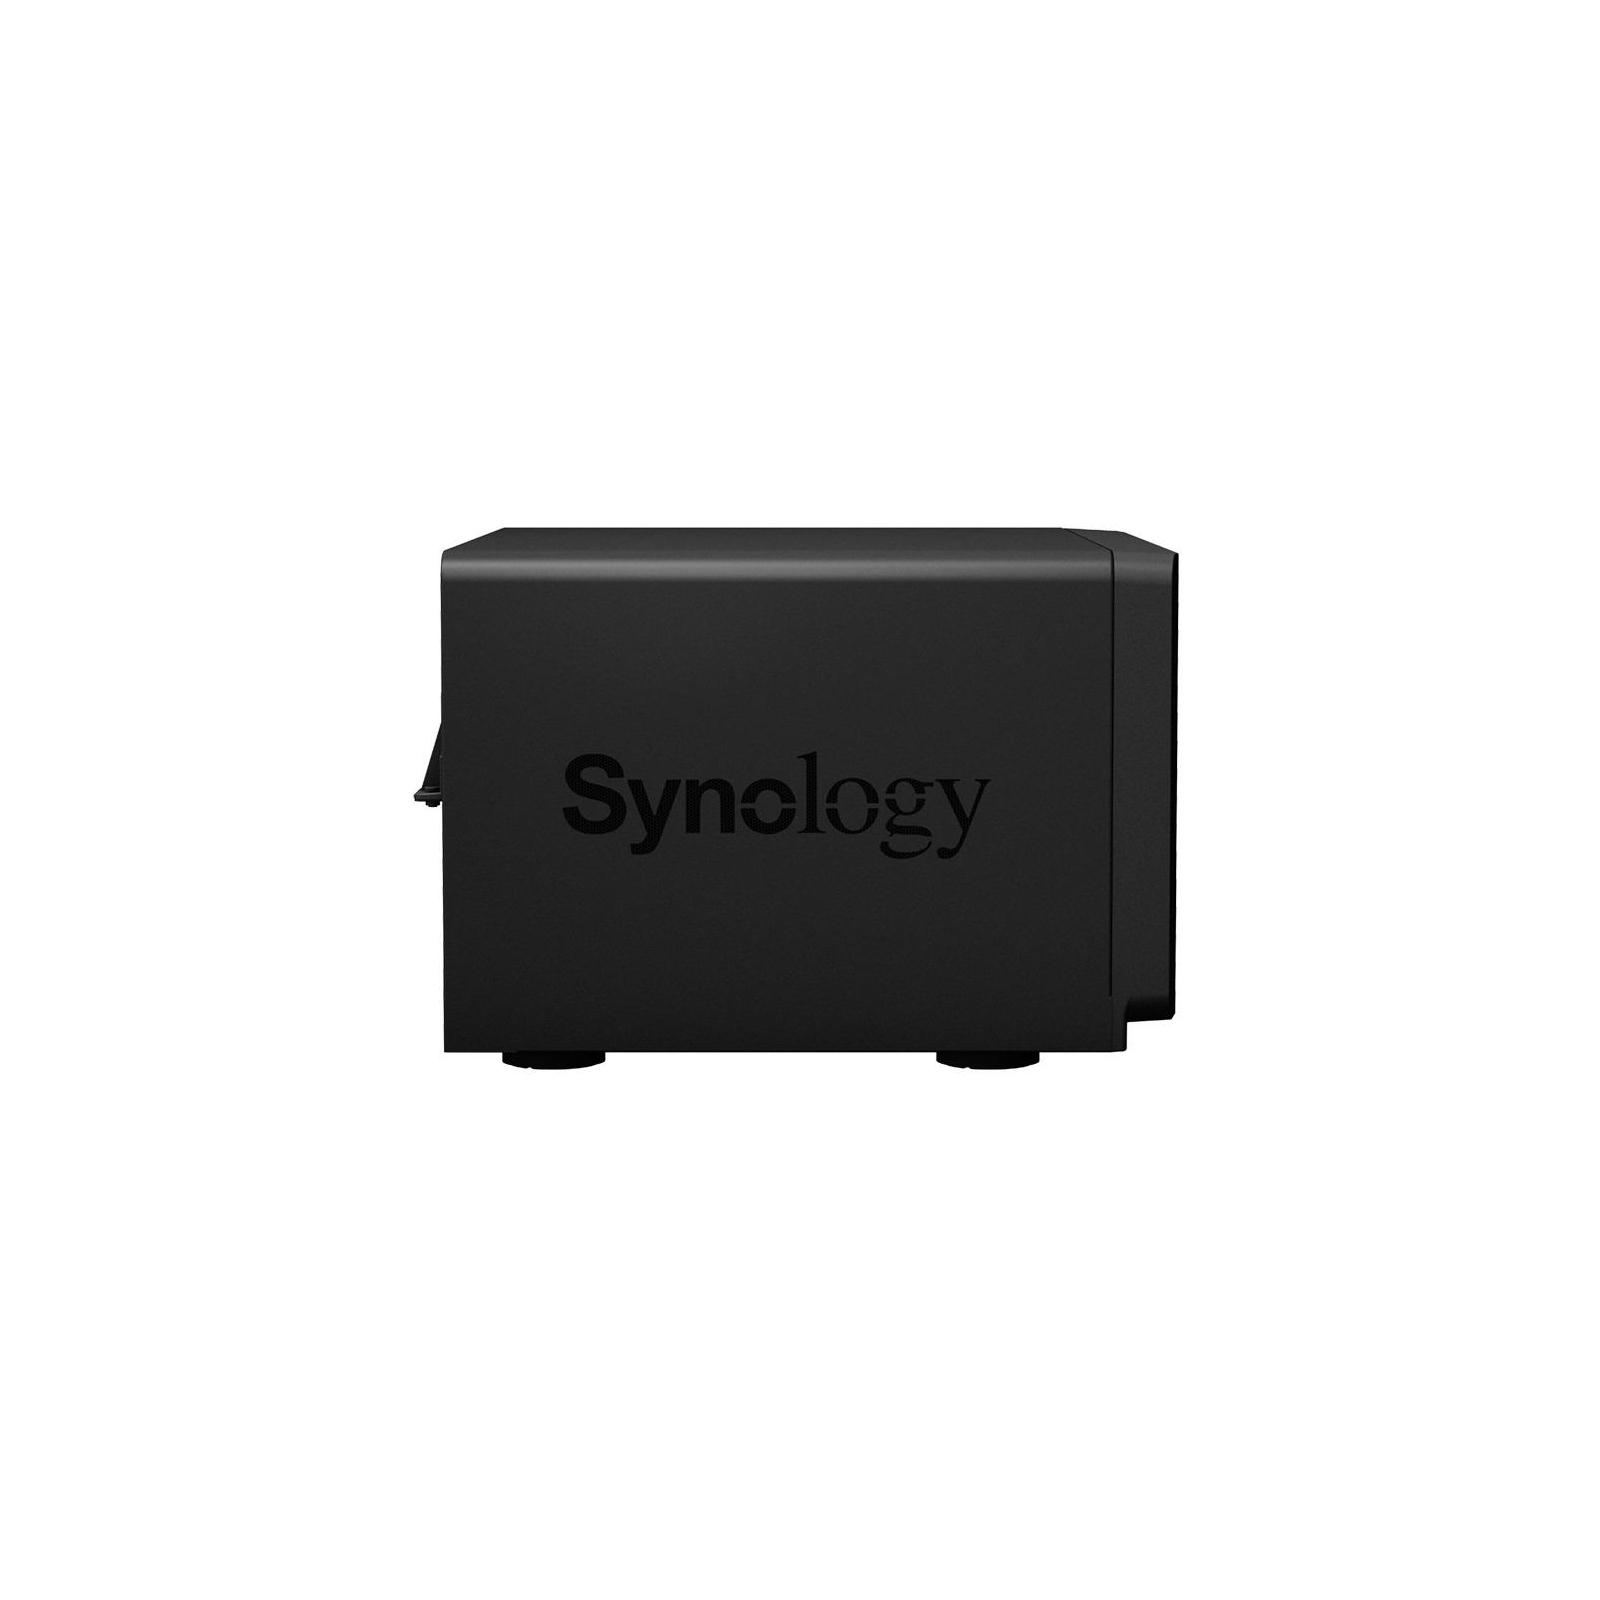 NAS Synology DS1618+ изображение 6